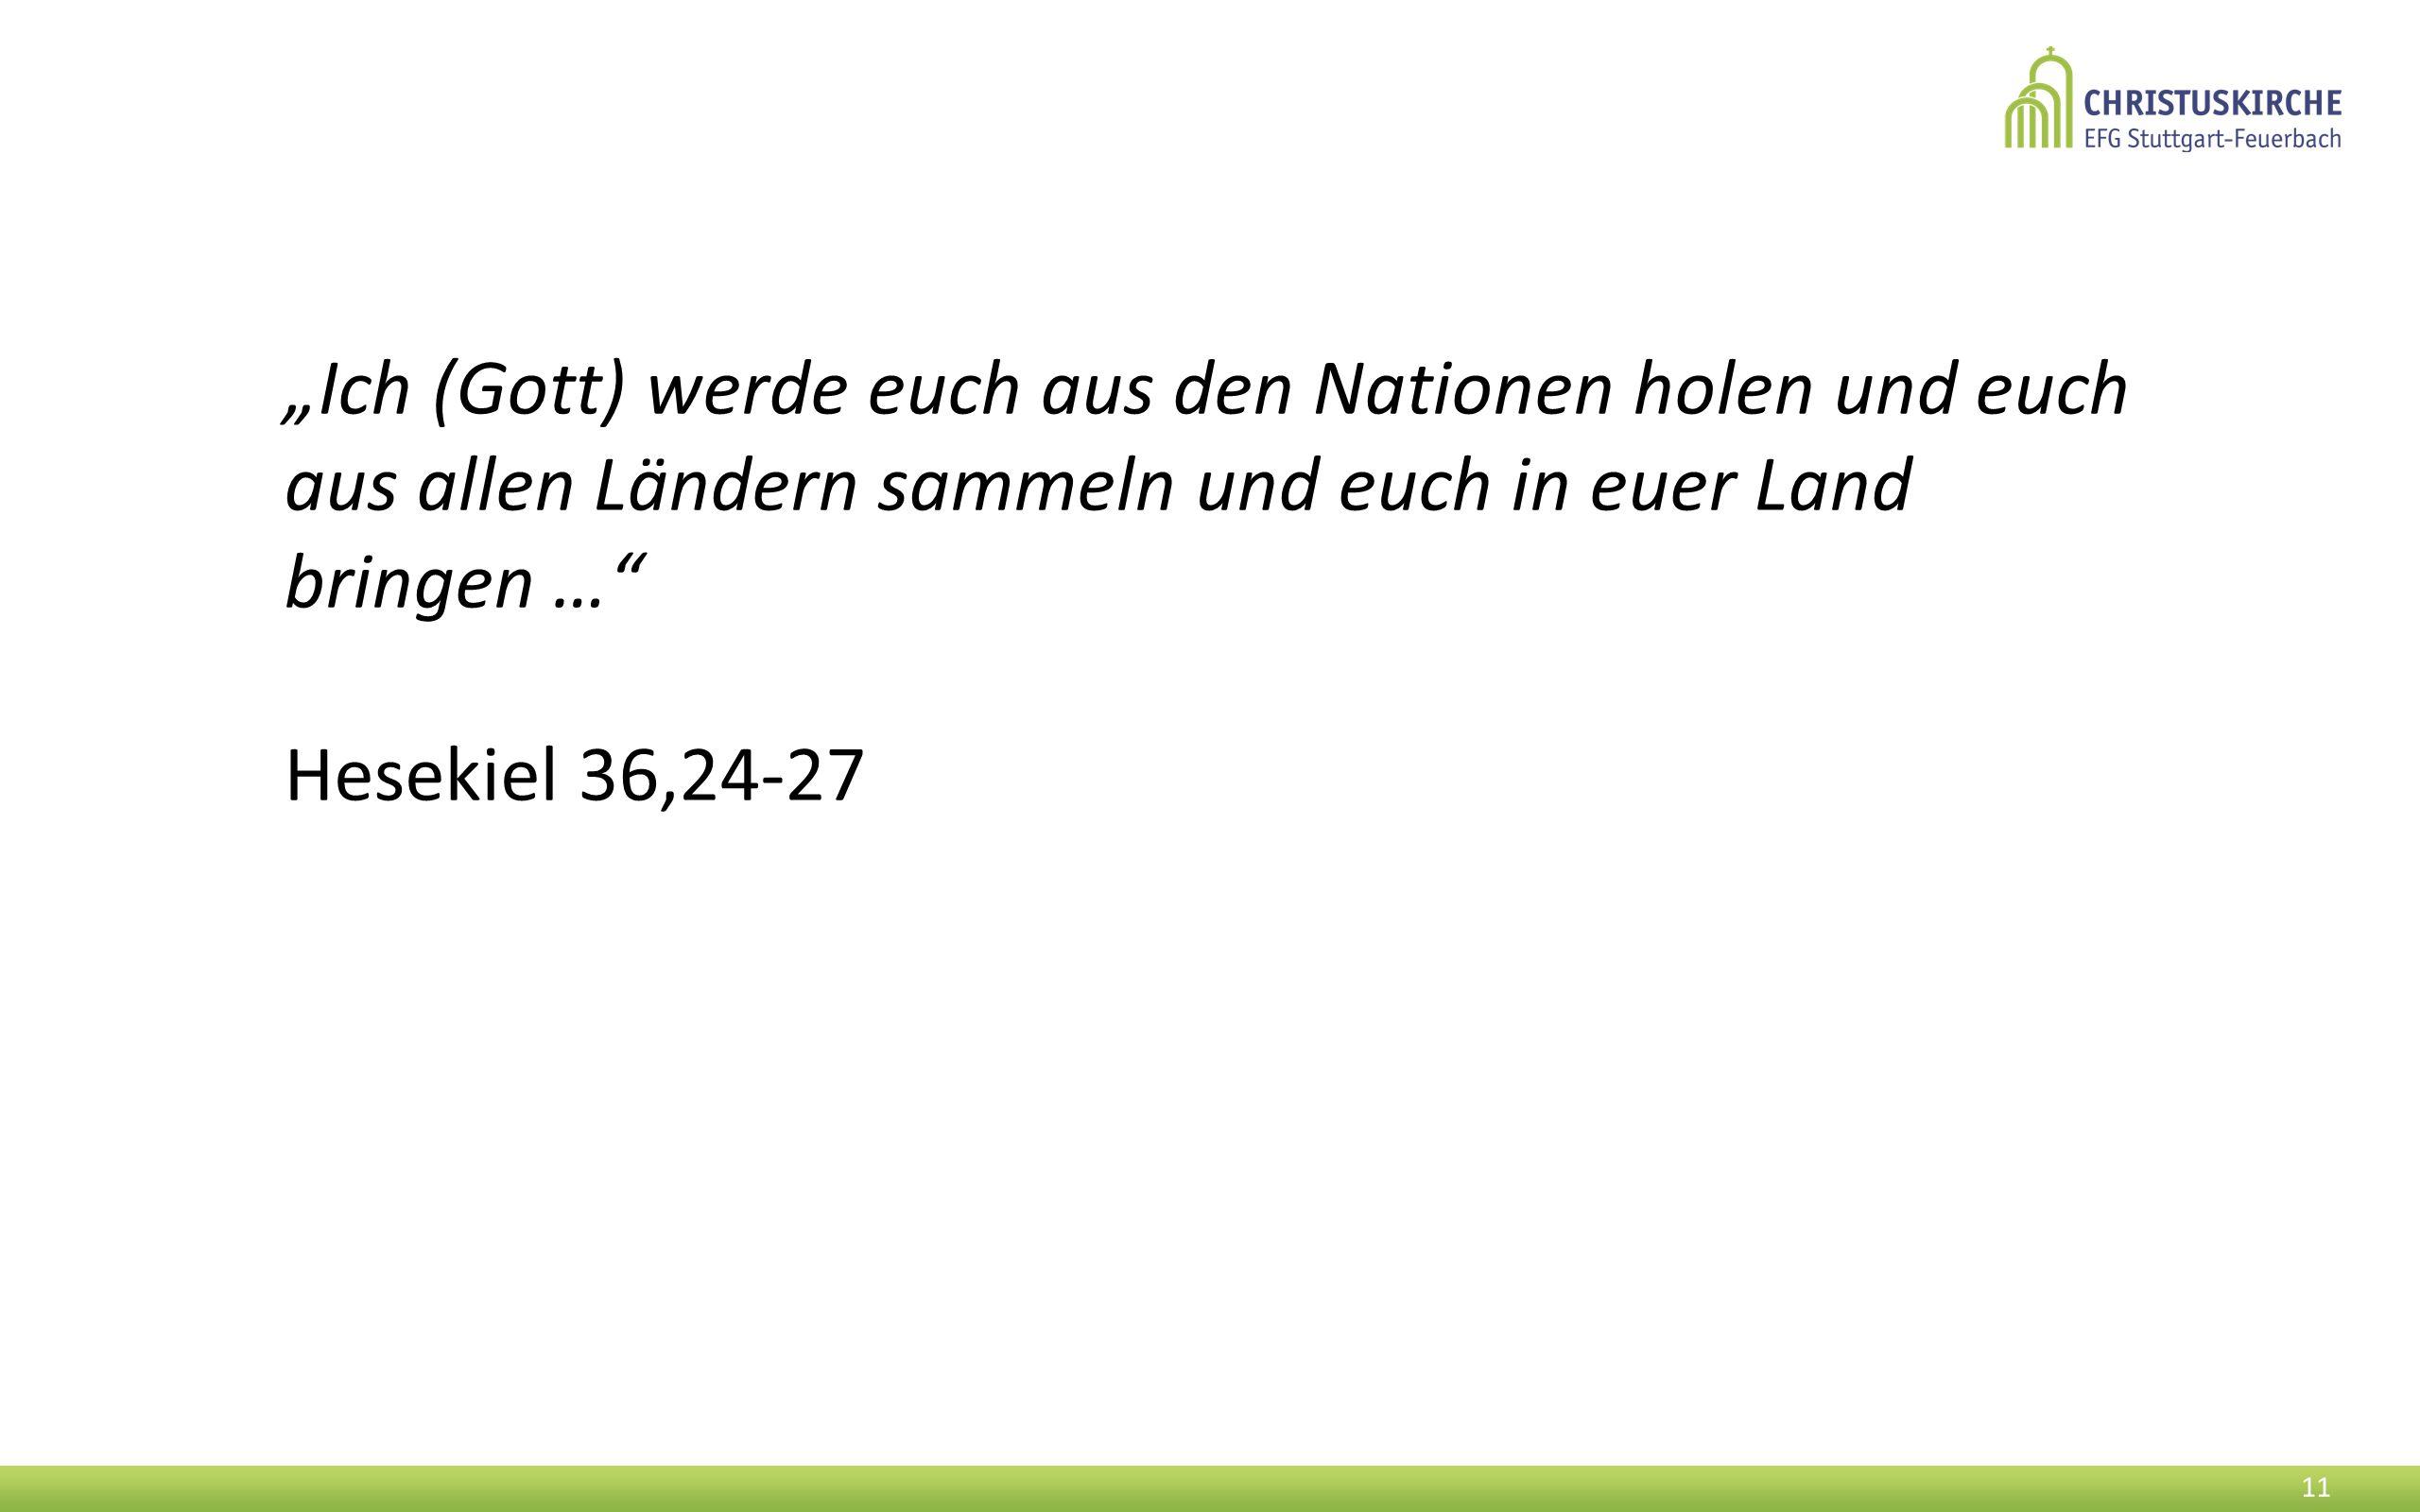 """""""Ich (Gott) werde euch aus den Nationen holen und euch aus allen Ländern sammeln und euch in euer Land bringen …"""